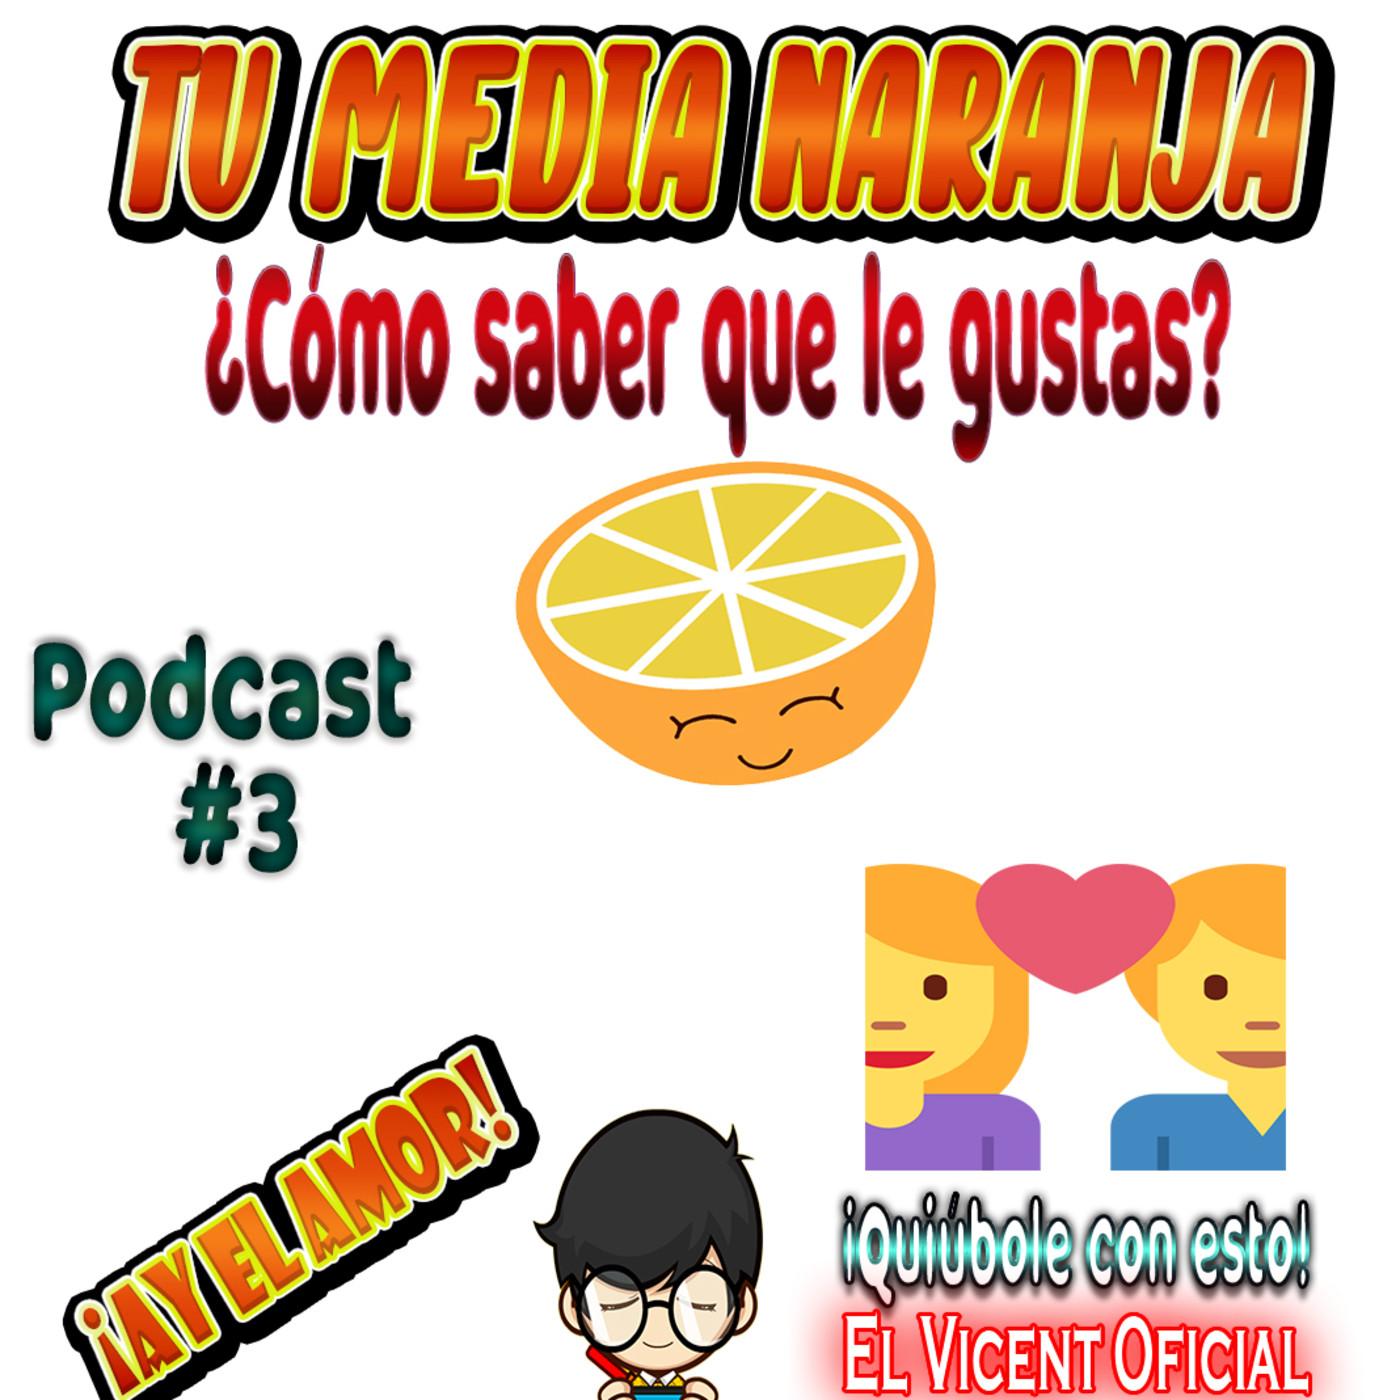 ¿Cómo saber si es mi media Naranja? ¿Le gustas? Podcast #3 !Quiúbole con esto! El Vicent Oficial